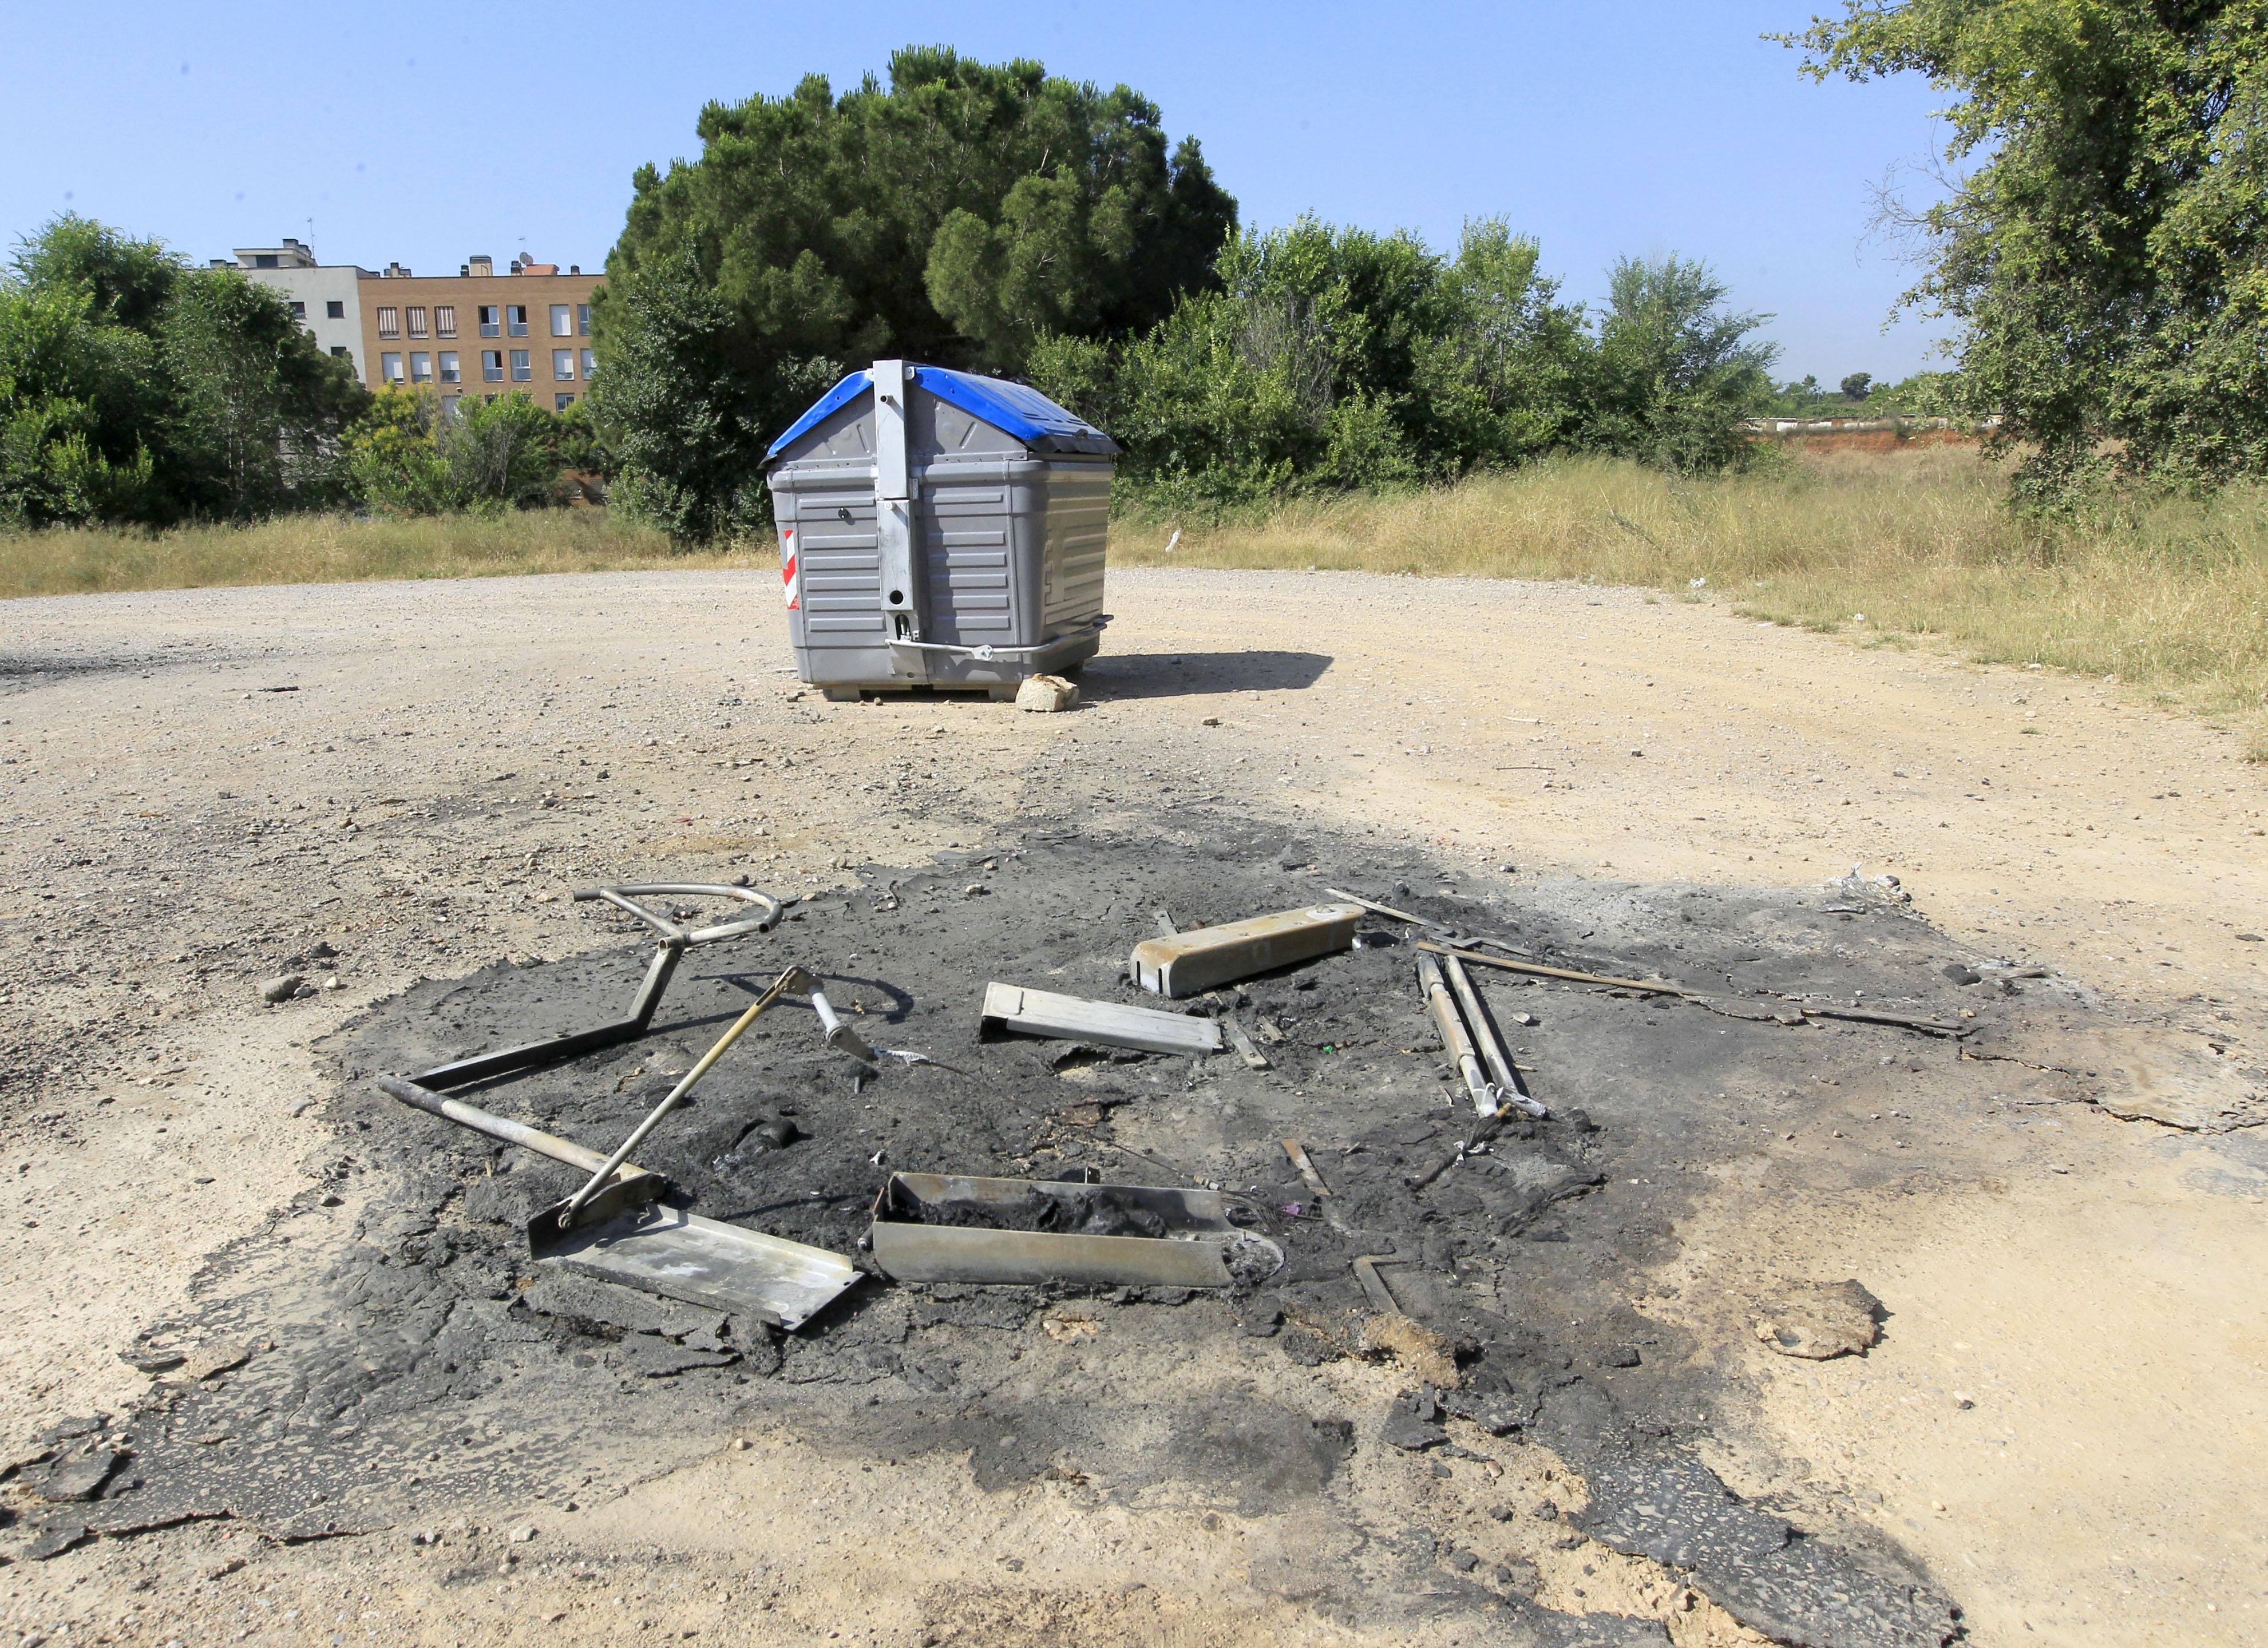 Un contenidor cremat a la zona esportiva de Can Rull. Foto: Lluís Franco.